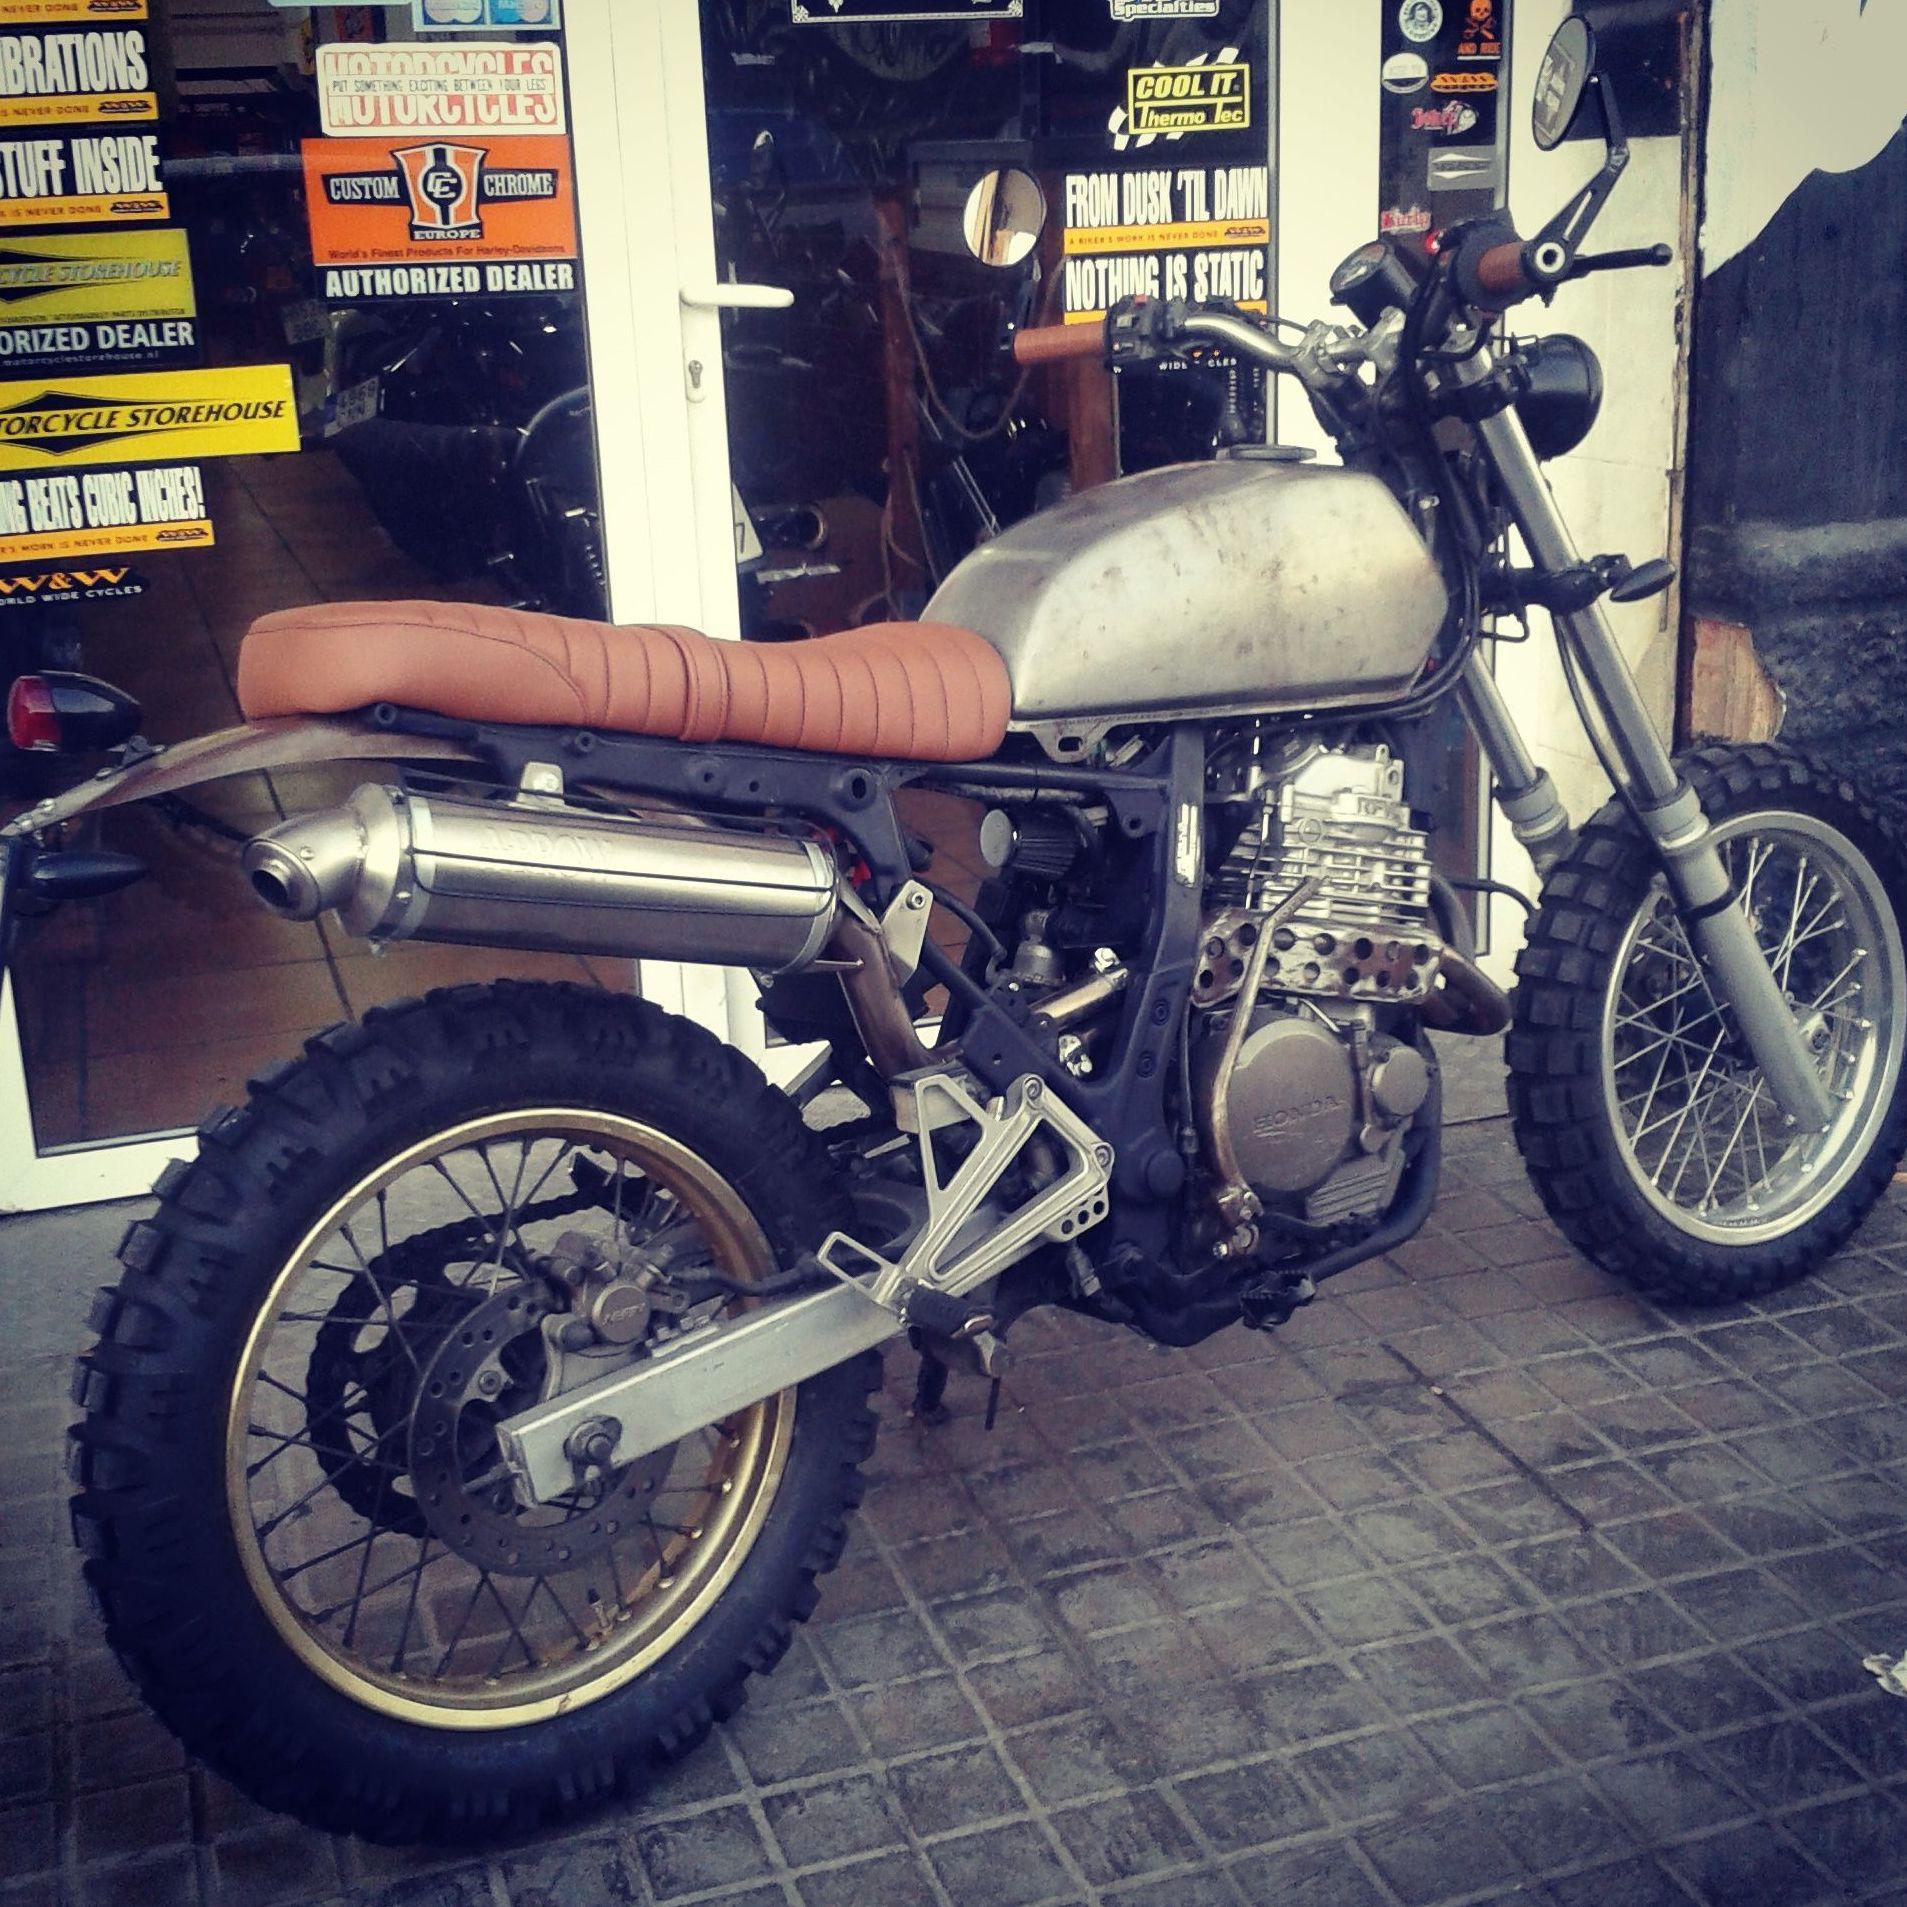 transformación moto en valencia, transformación moto en Madrid, customizar moto en Valencia, customizar moto Madrd